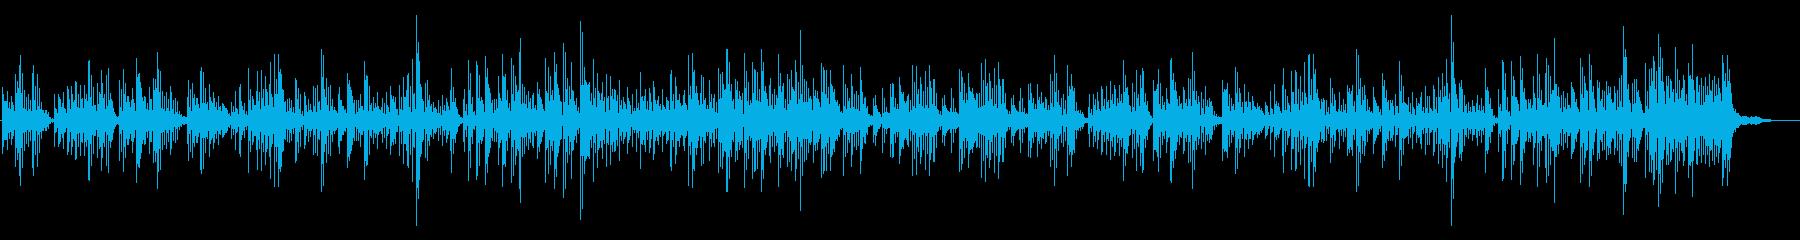 不協和音のメロディーと興味をそそる...の再生済みの波形